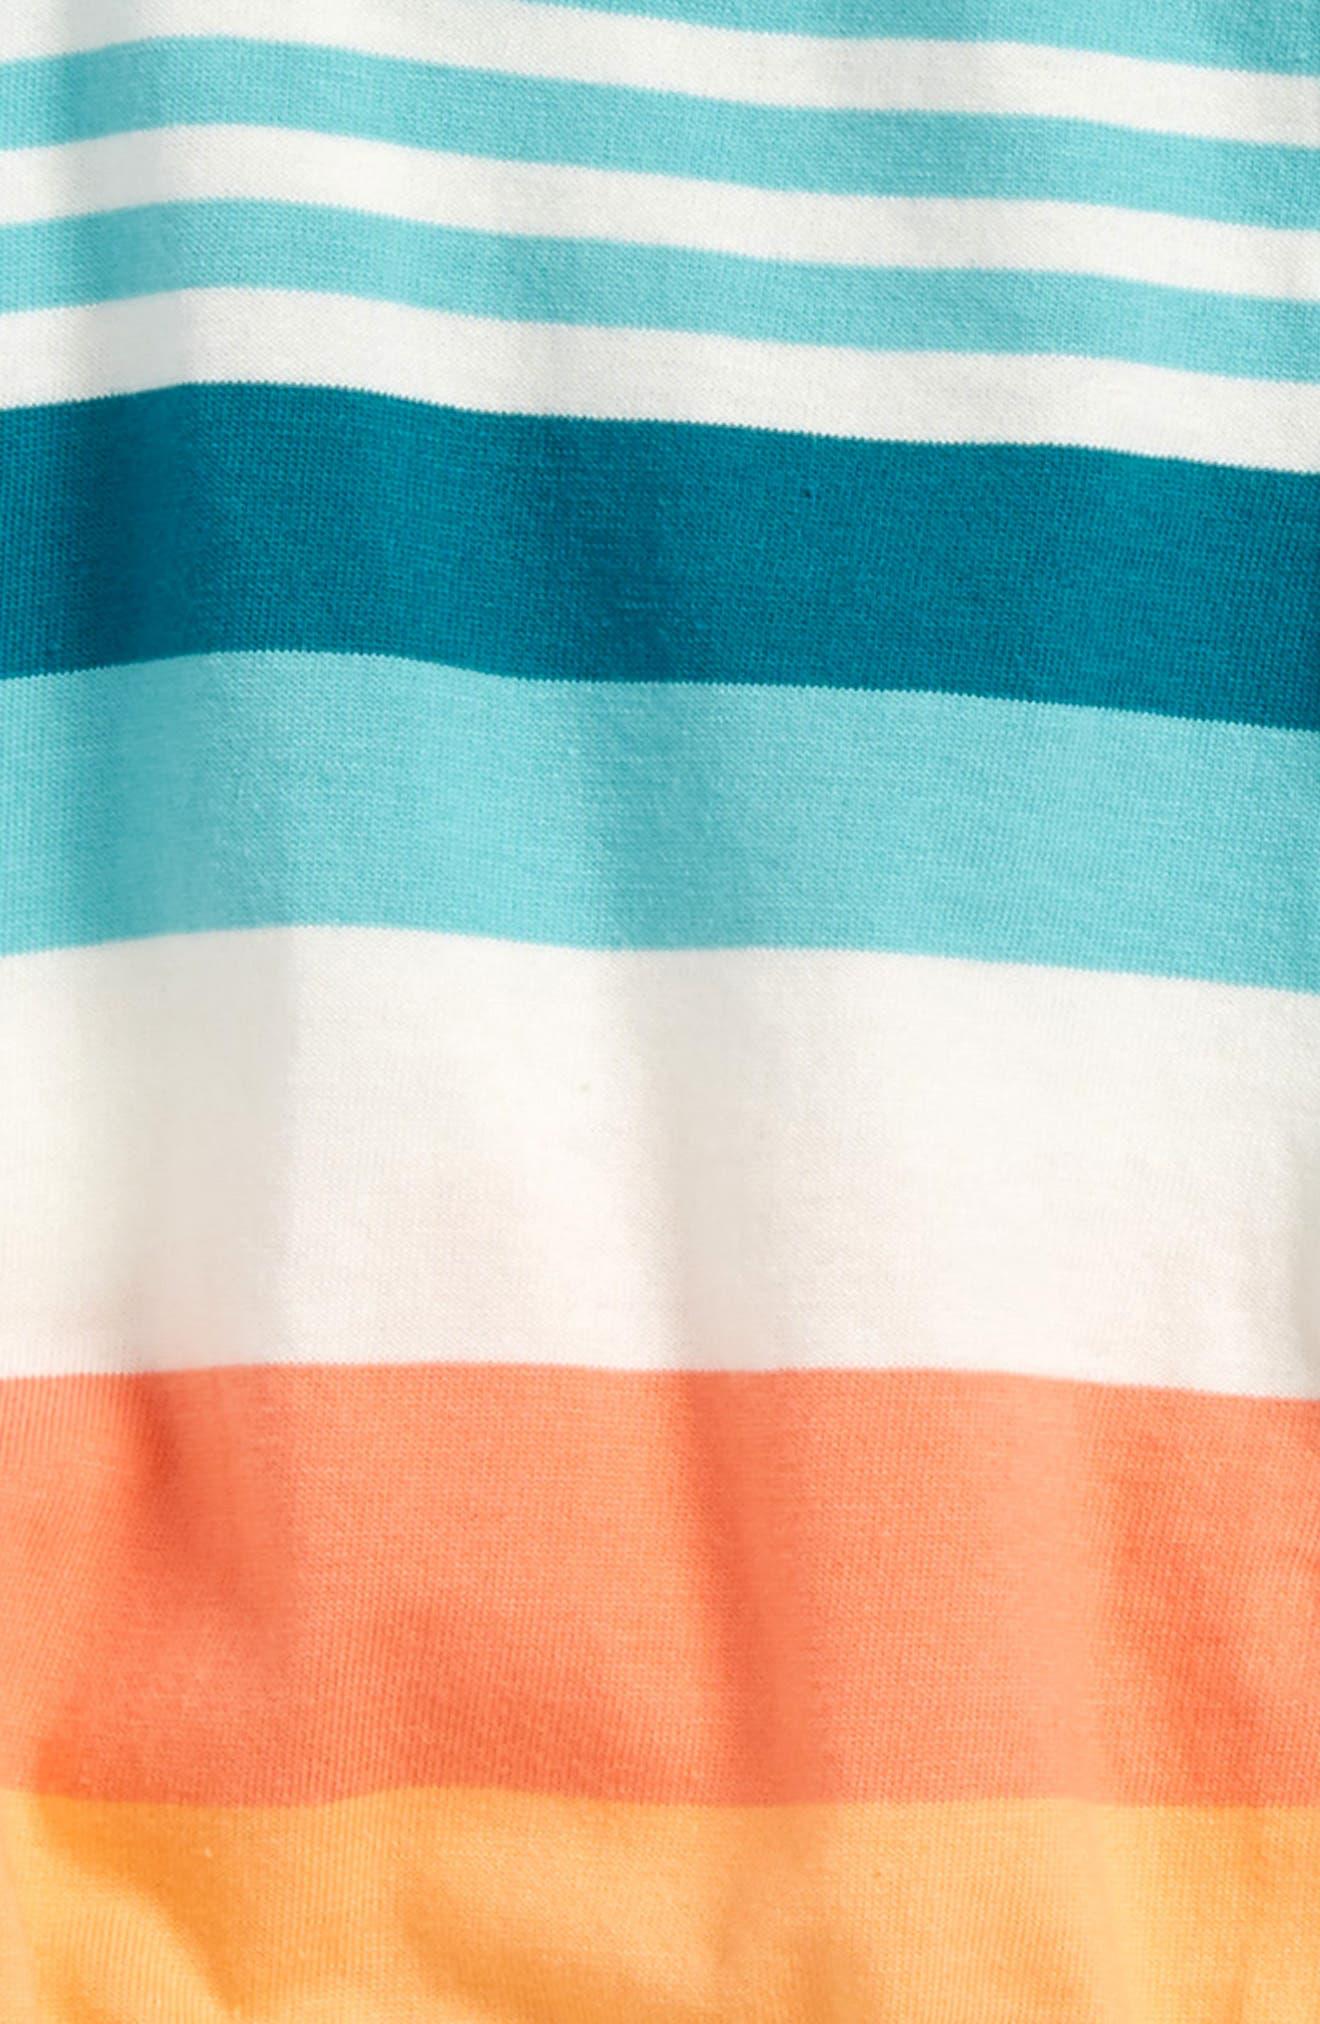 Vibrant Stripe Romper,                             Alternate thumbnail 2, color,                             Citrus